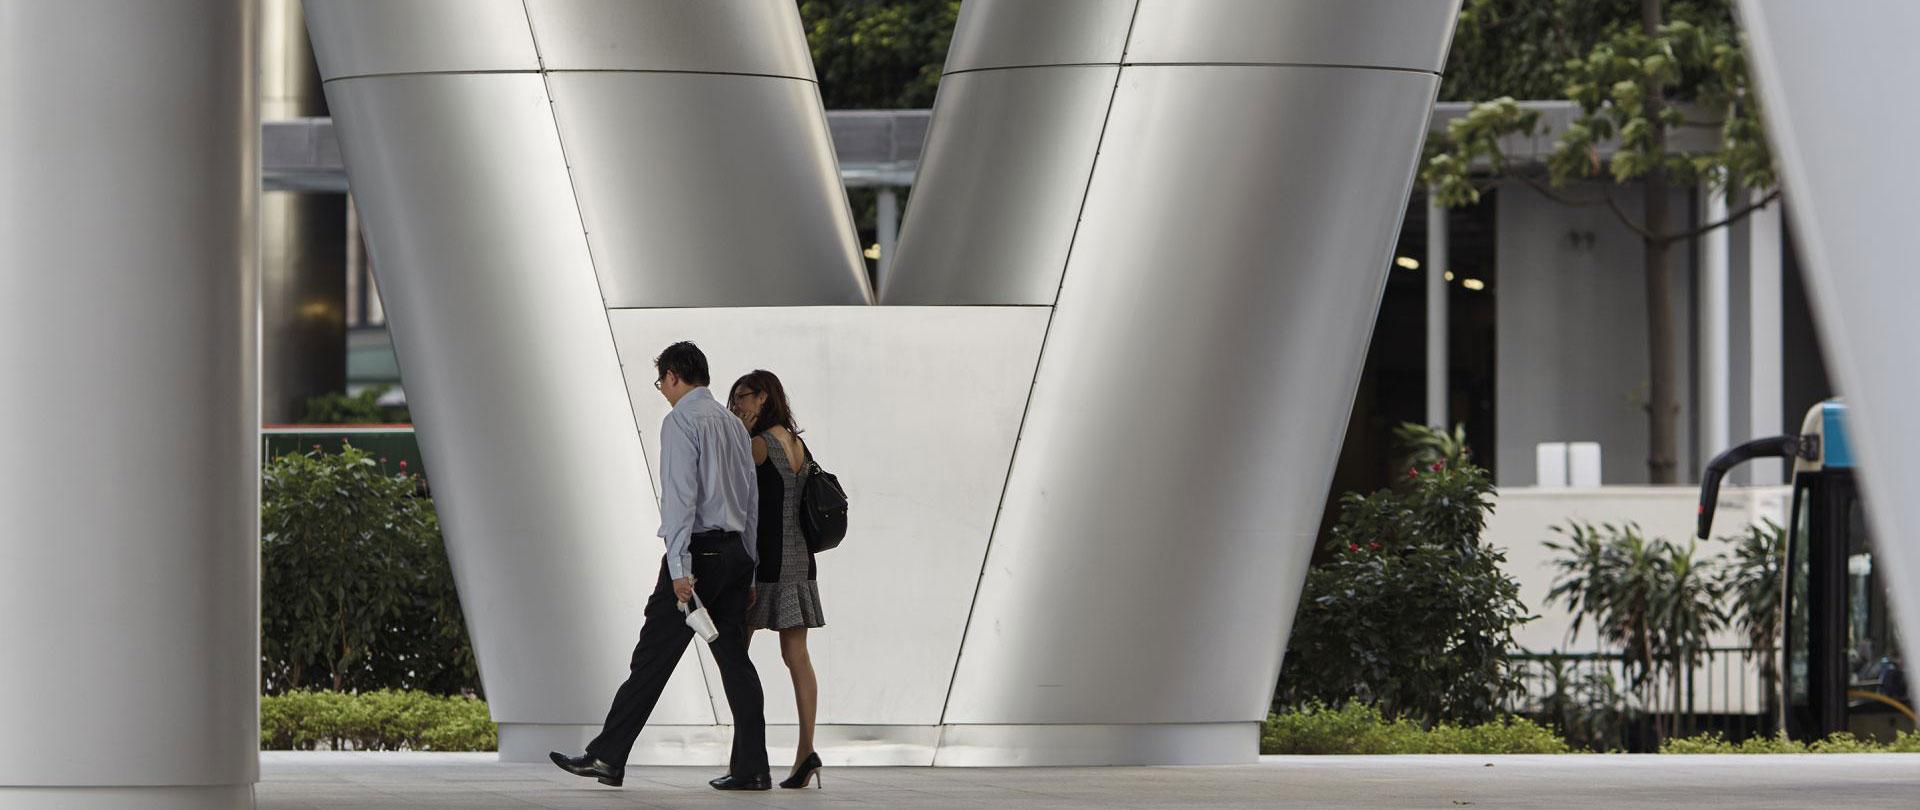 人们走路经过伦敦一栋大型建筑物的图片